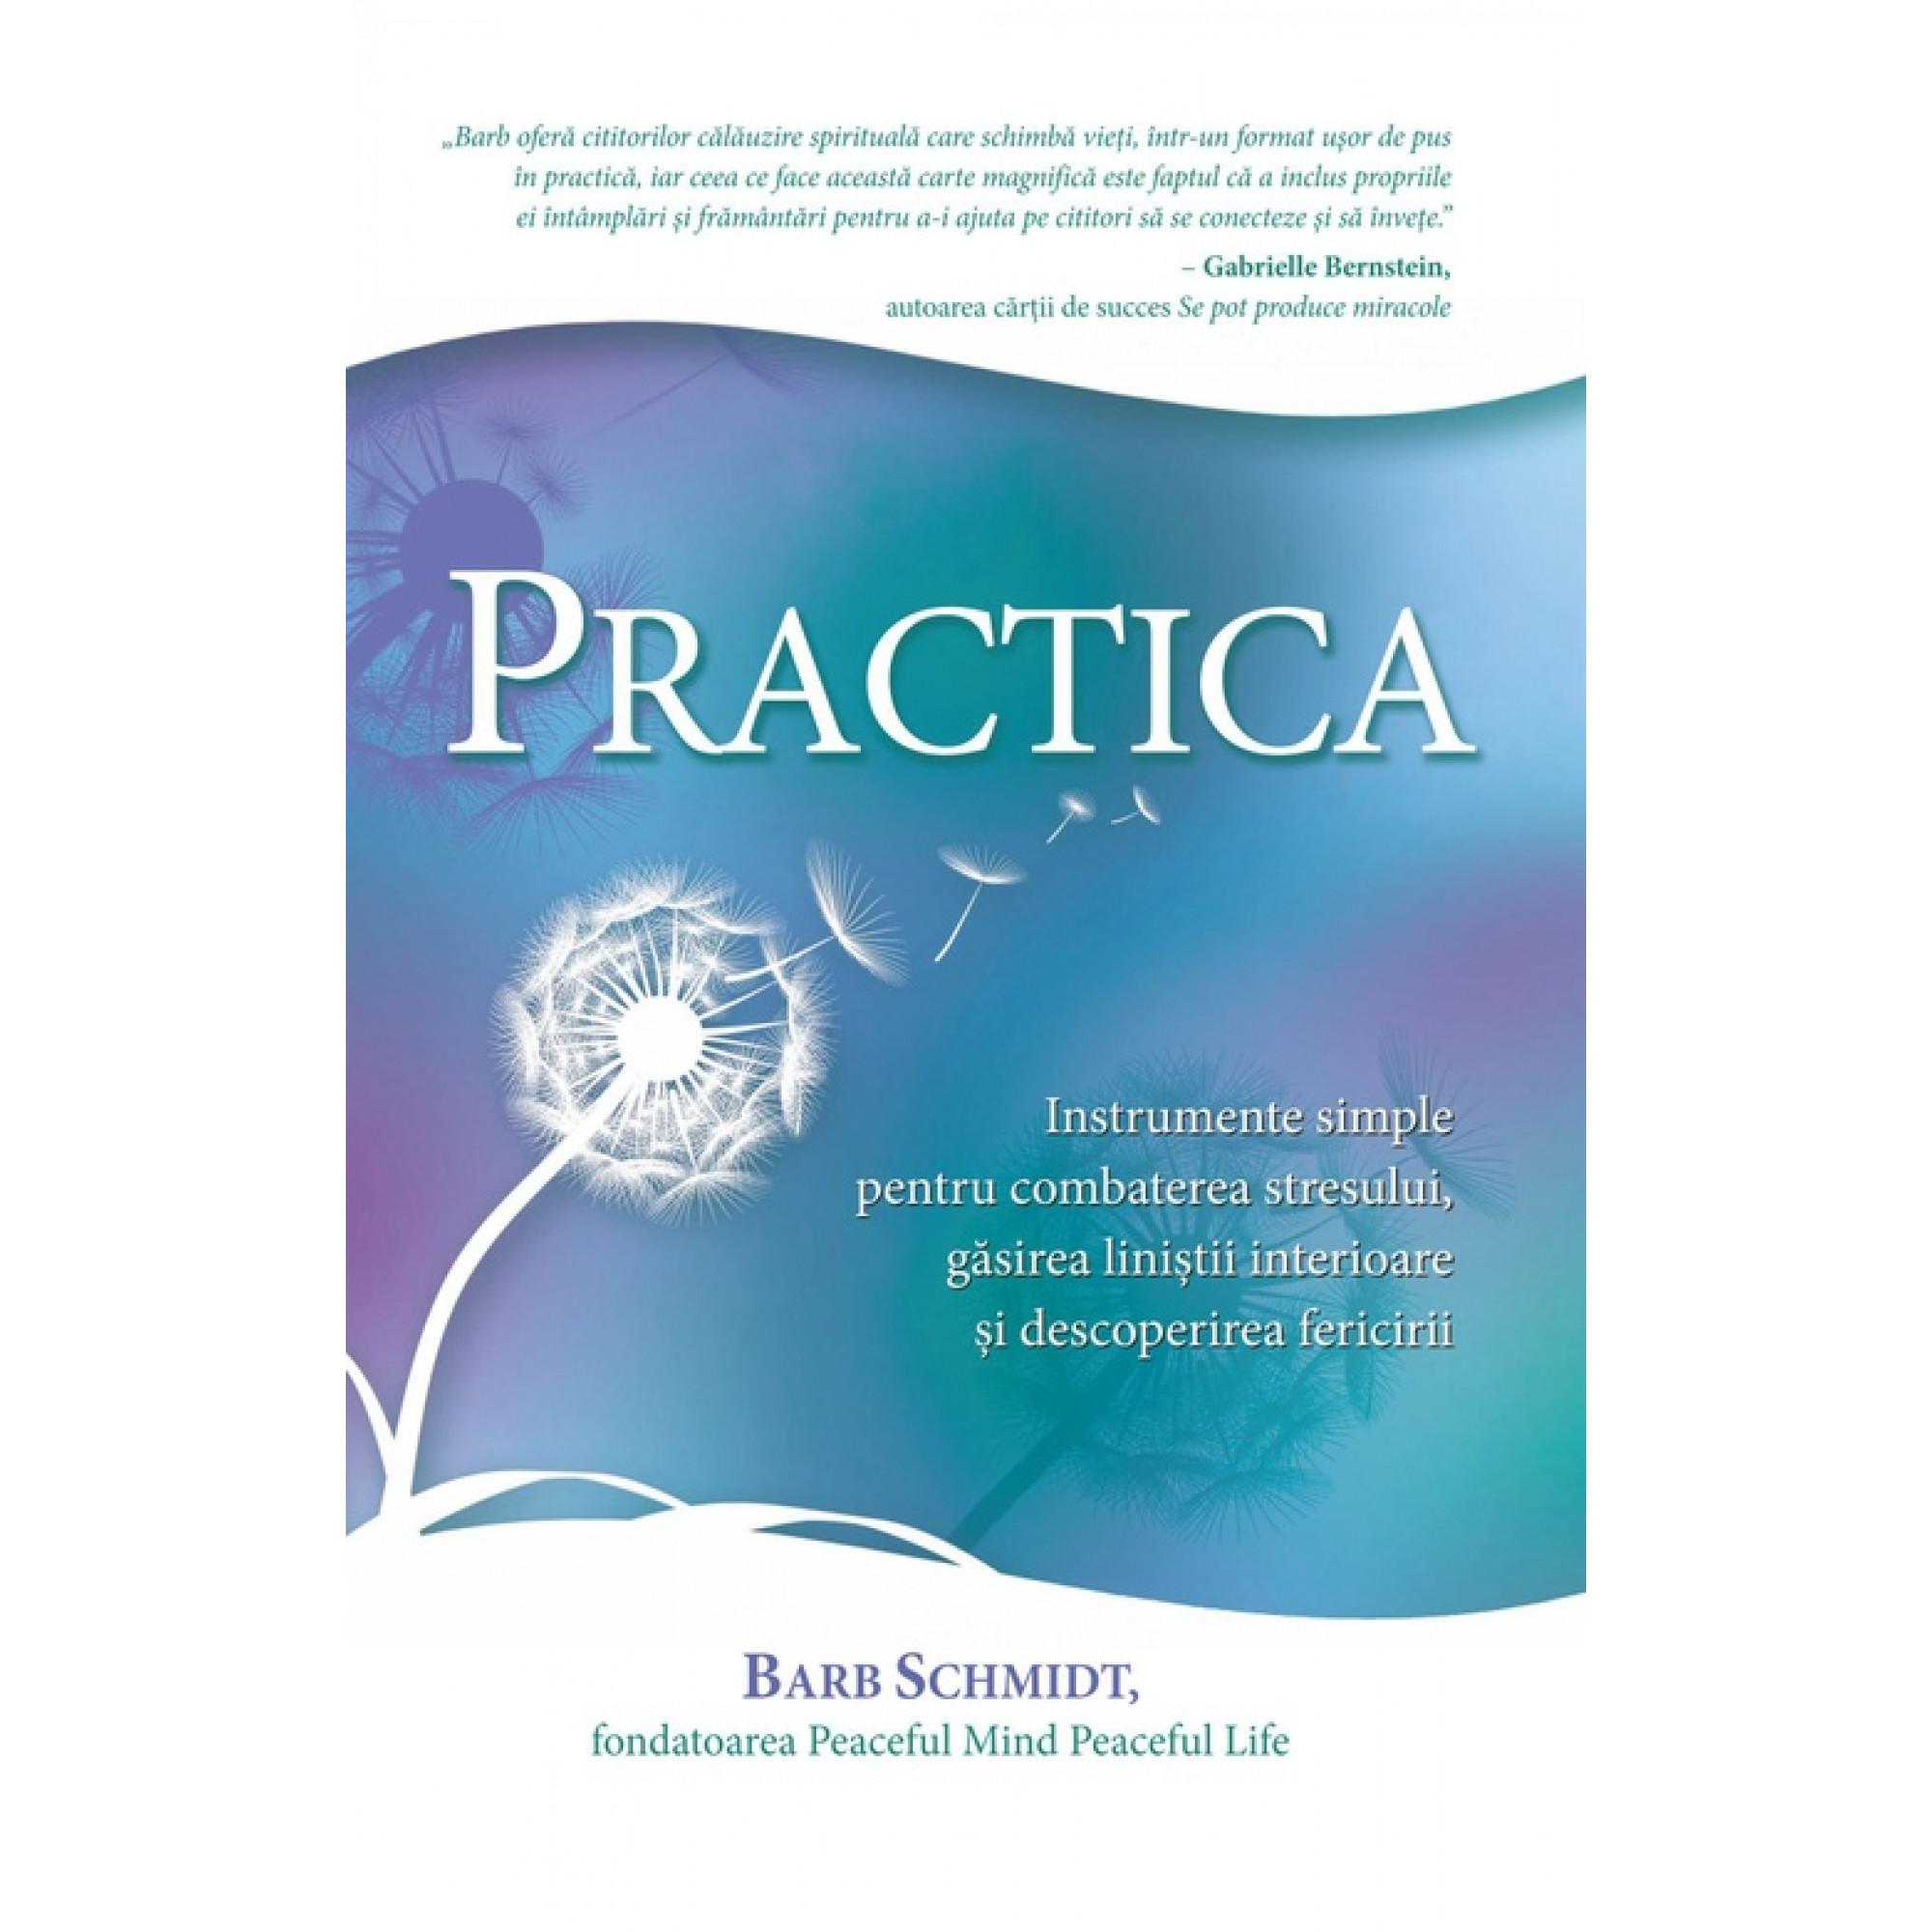 Practica. Instrumente simple pentru combaterea stresului, găsirea liniștii interioare și descoperirea fericirii